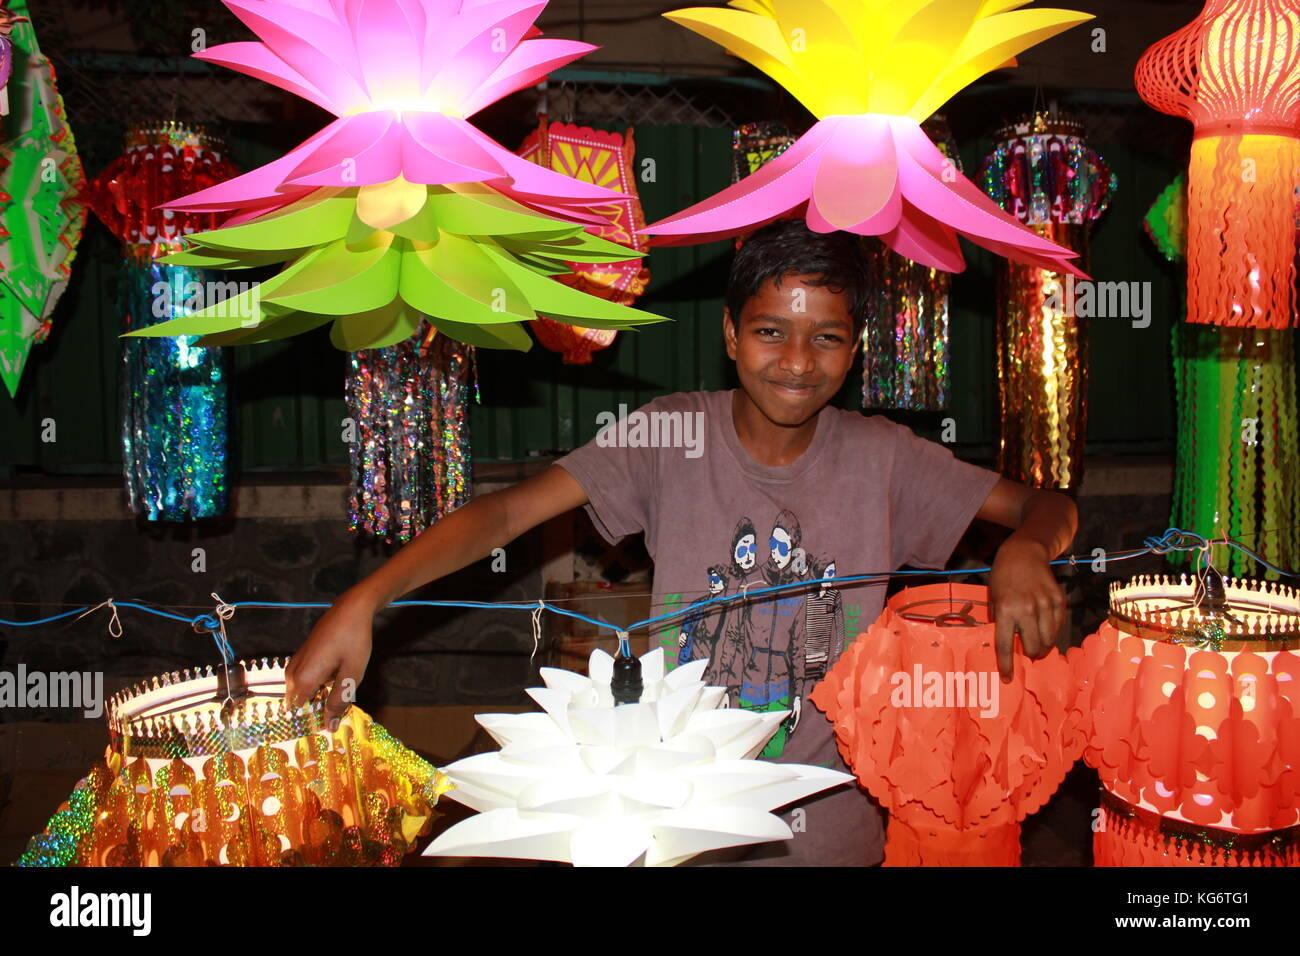 Lantern Seller - Stock Image